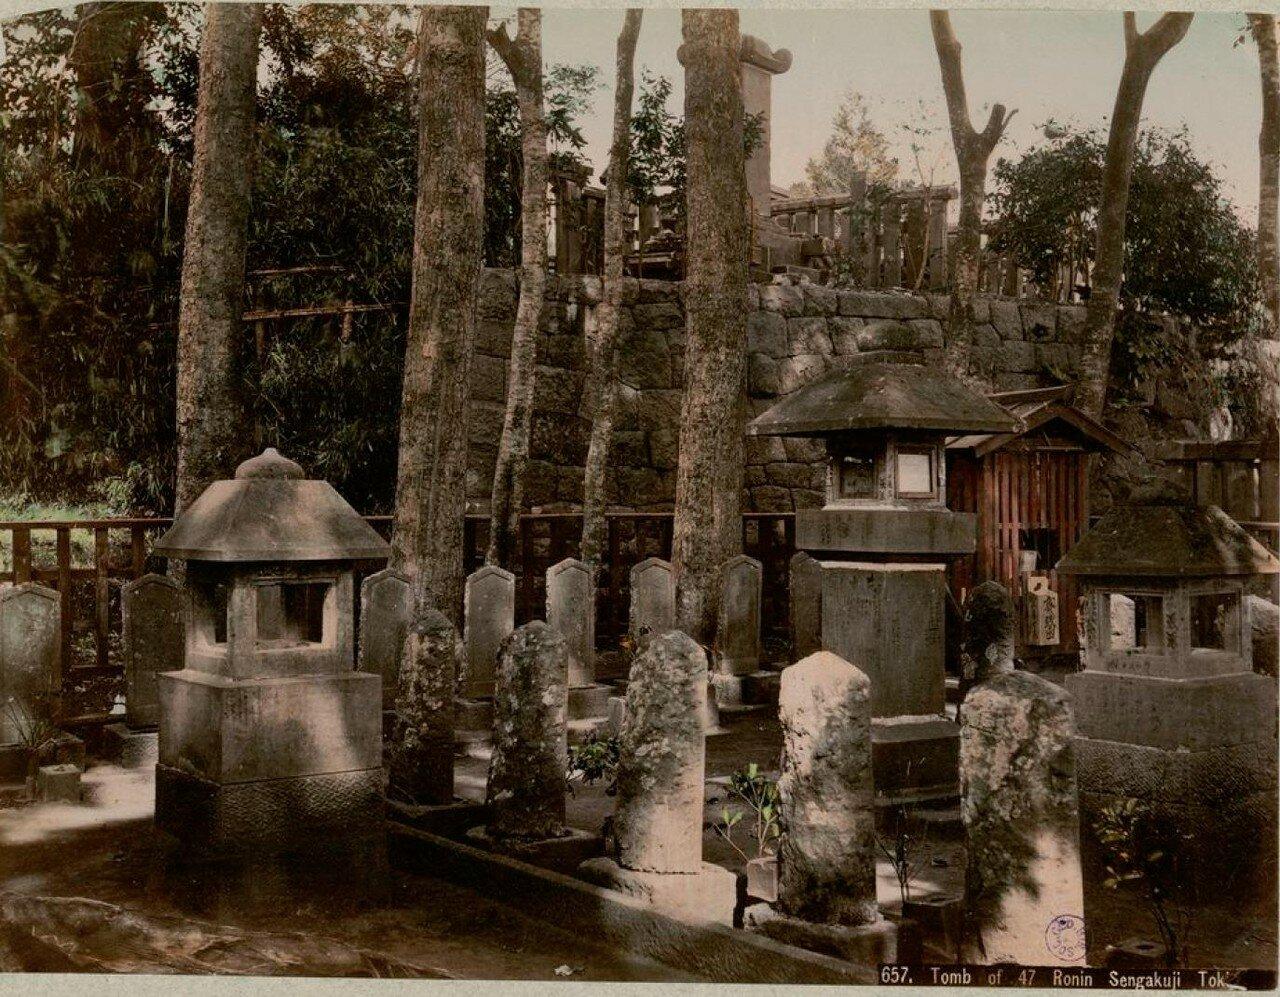 Токио. Могилы 47 ронинов